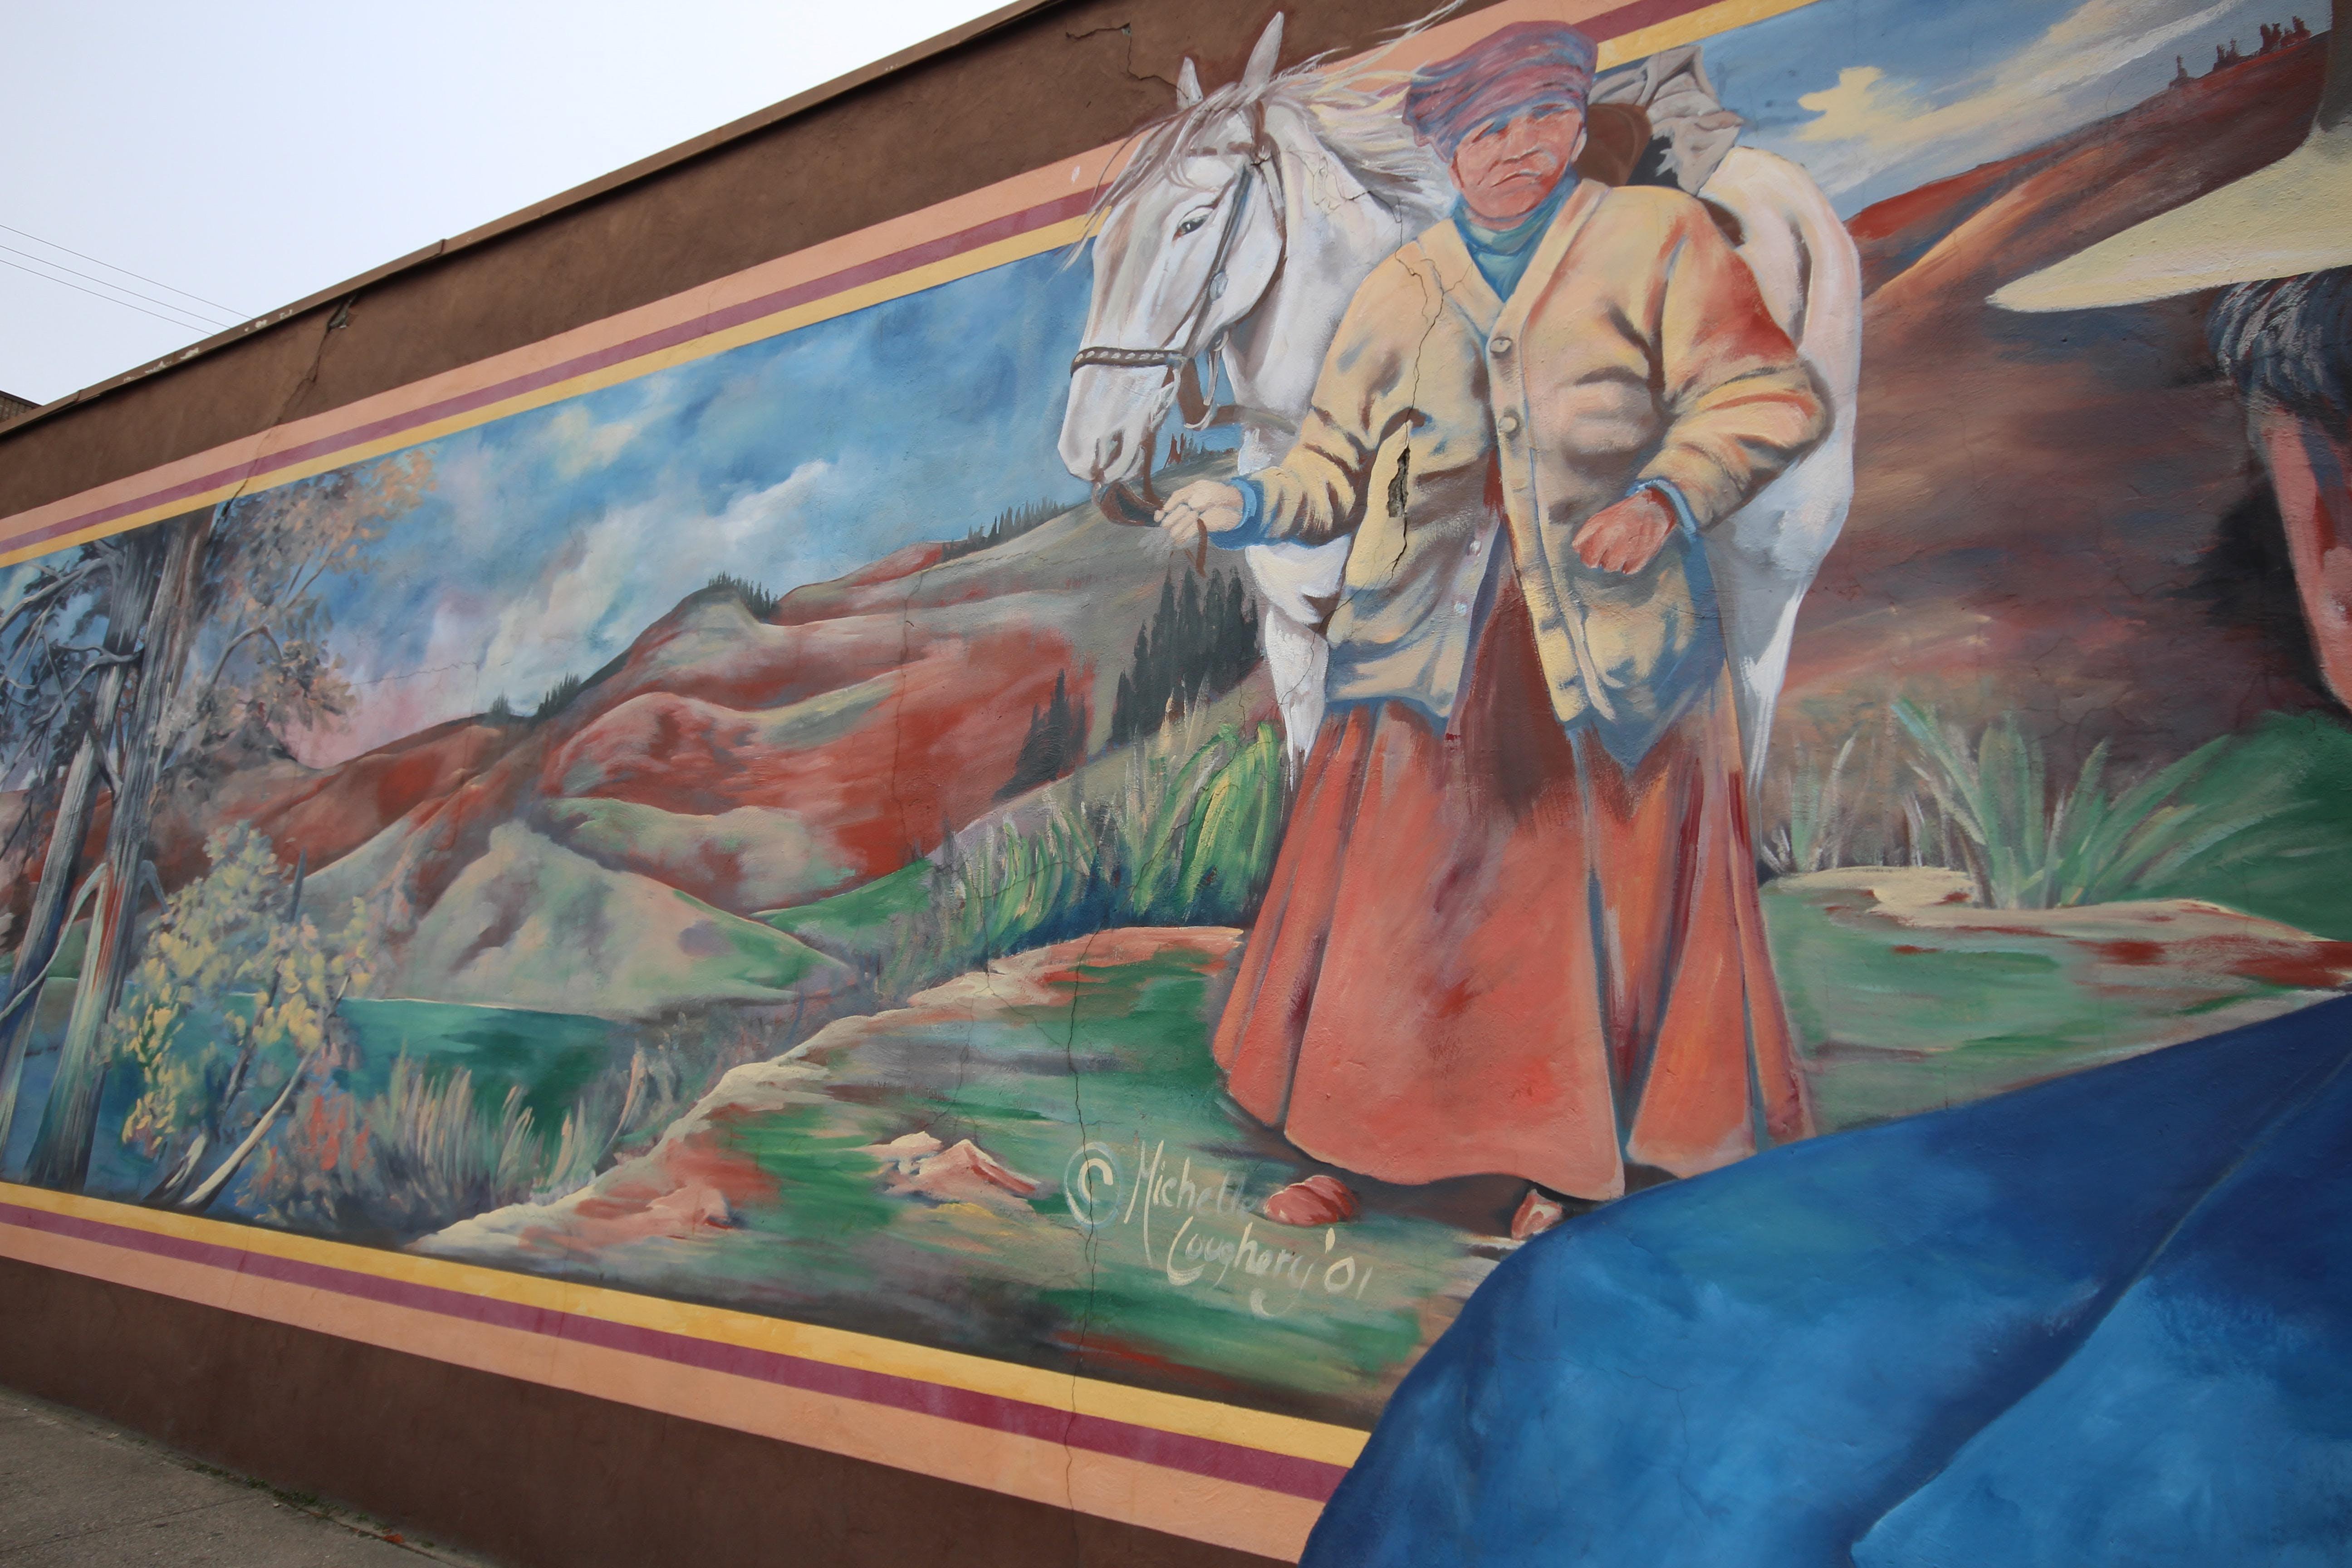 Downtown Vernon Mural Tour